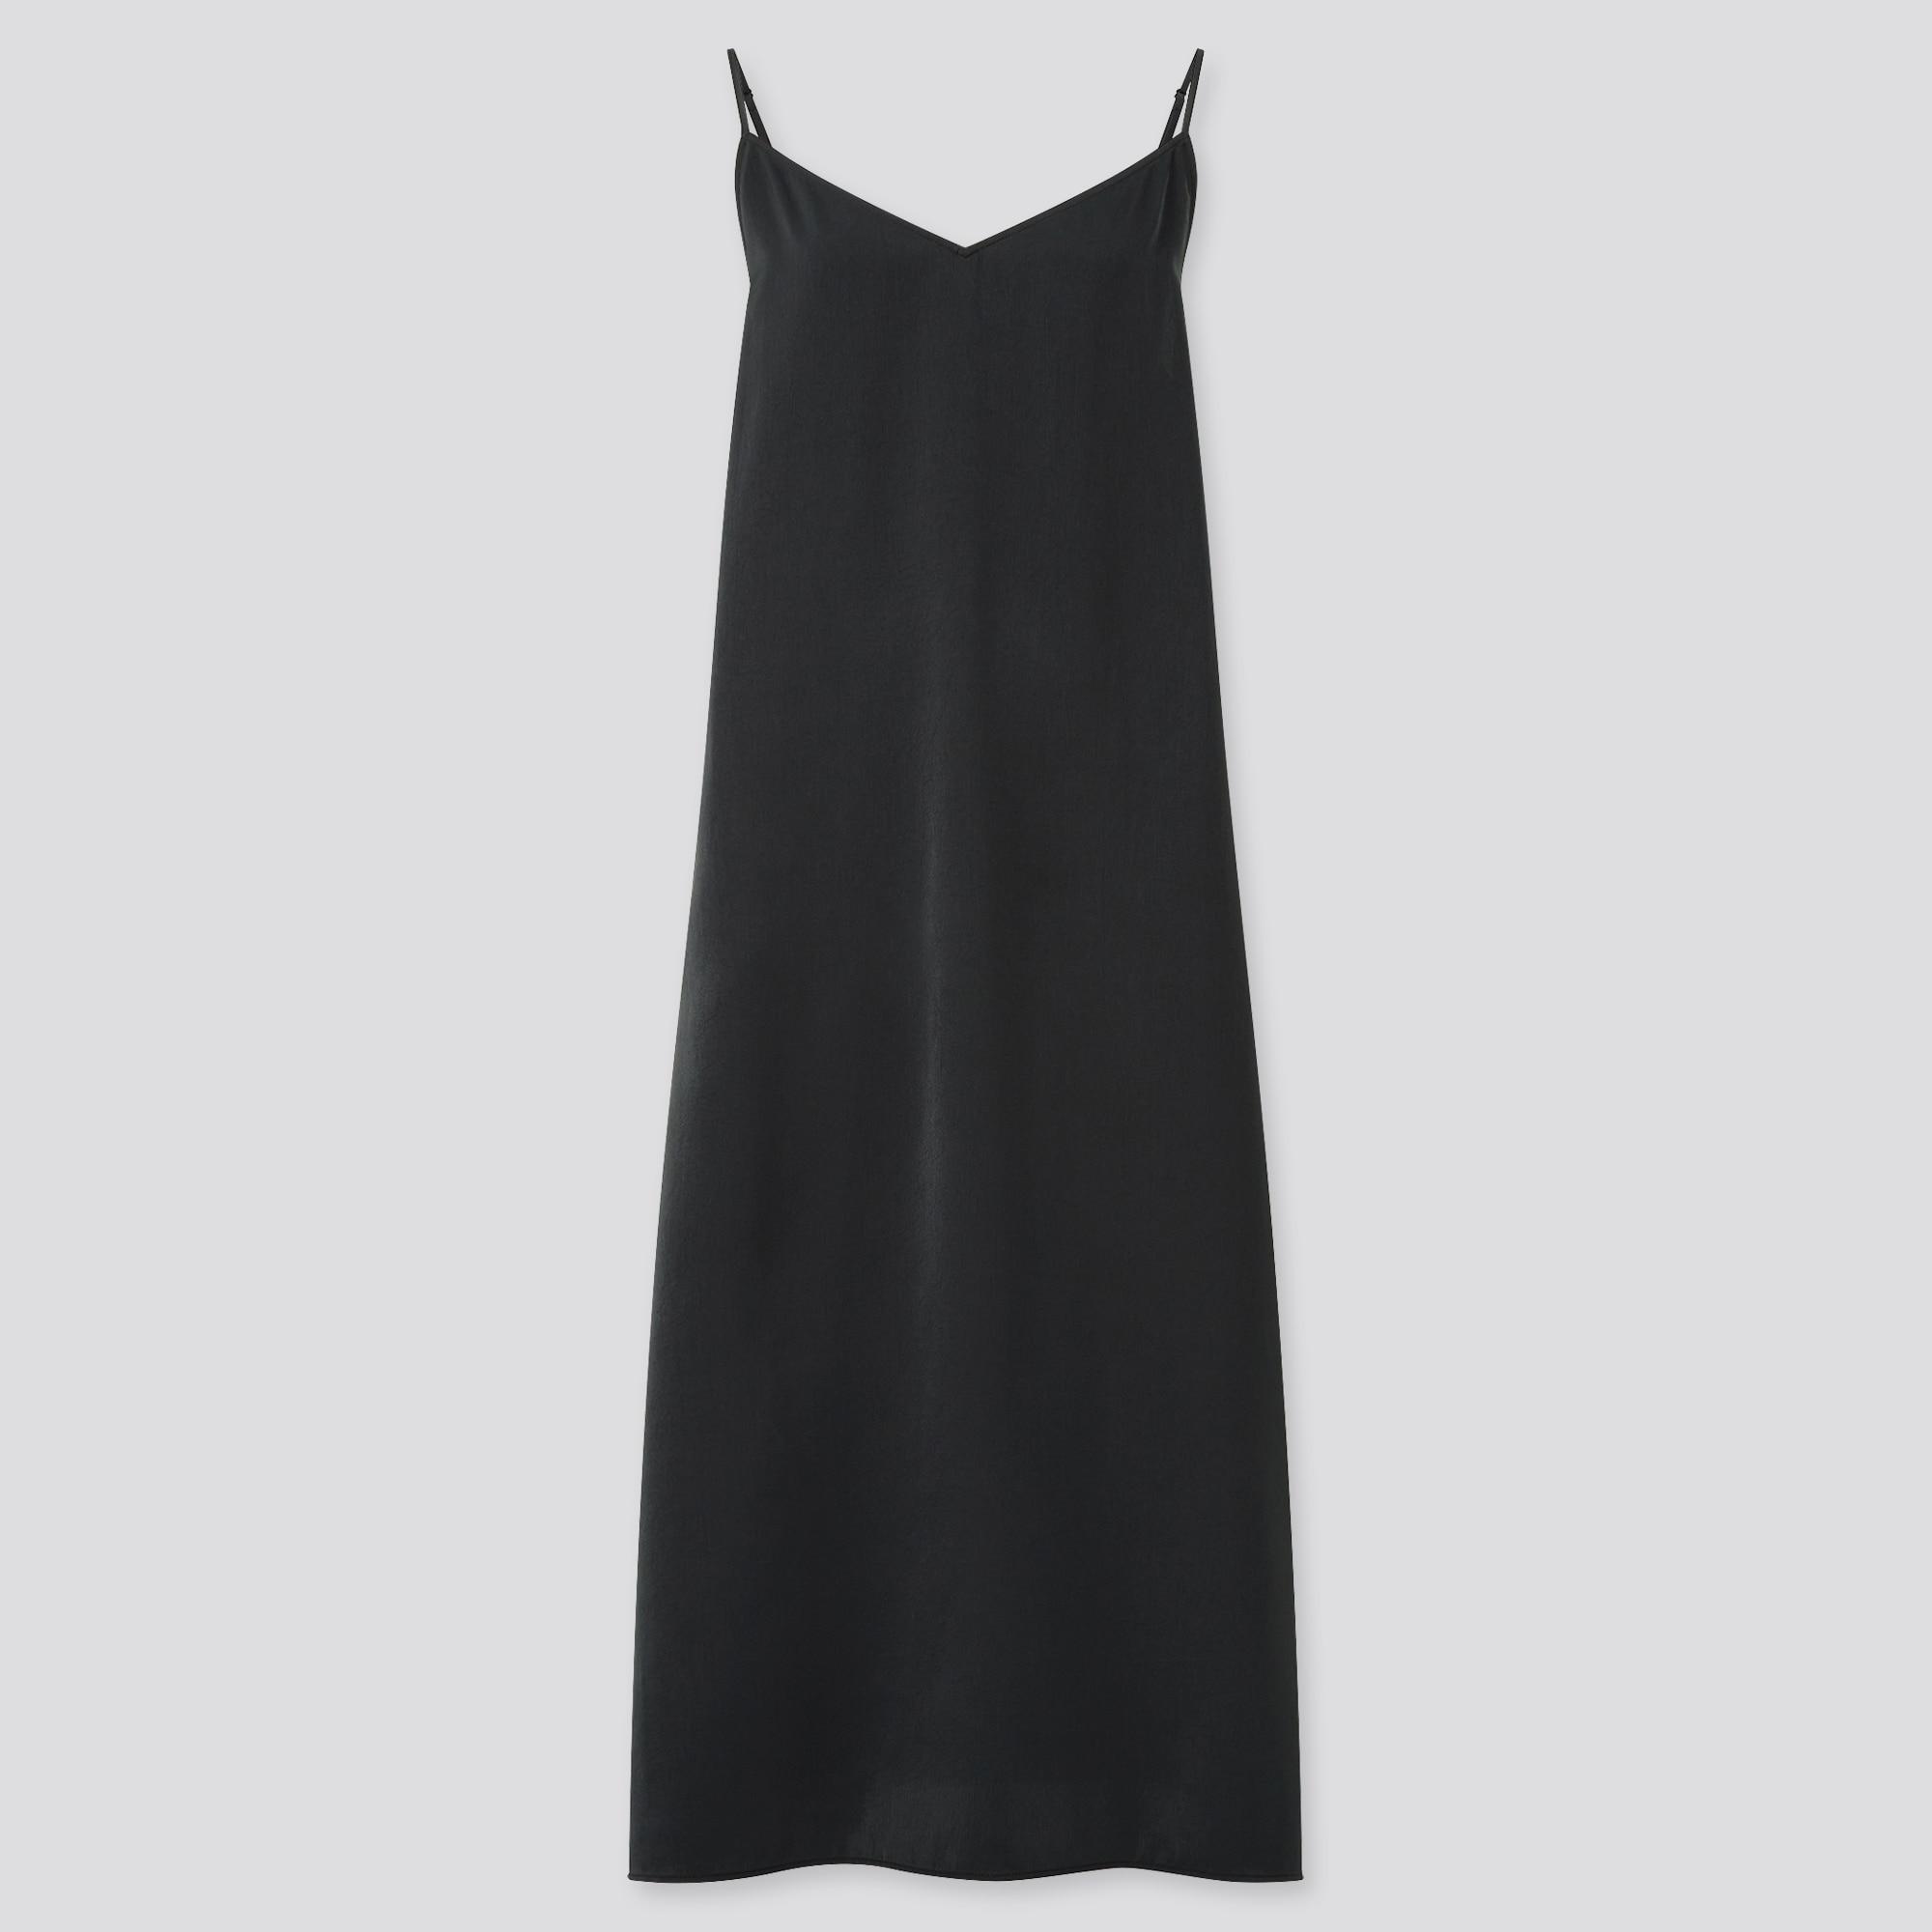 WOMEN CAMISOLE SIDE-SLIT LONG DRESS